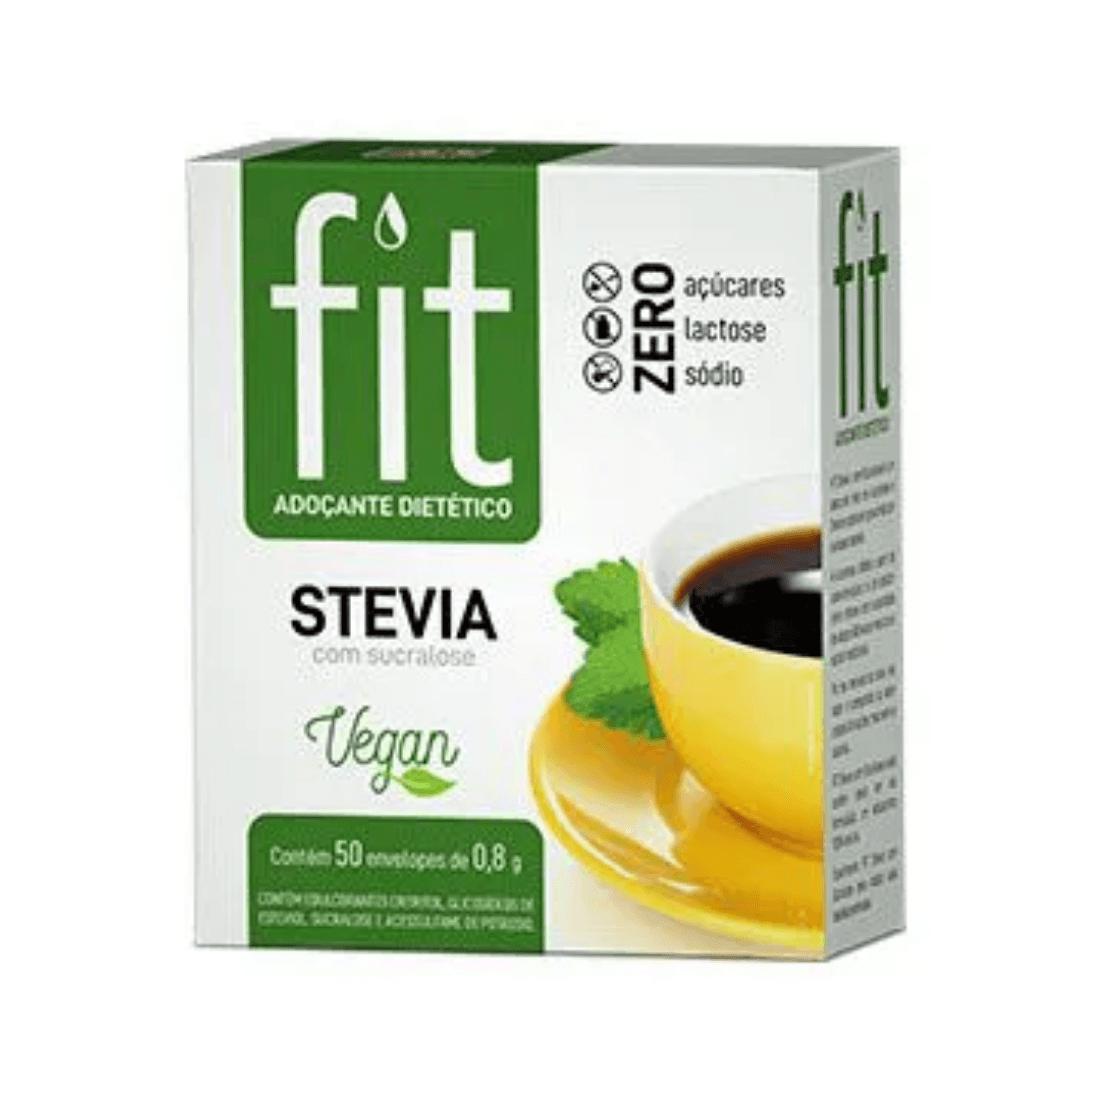 Adoçante Fit Stevia Com Sucralose Sachê 0,6g Caixa 50 Unidades